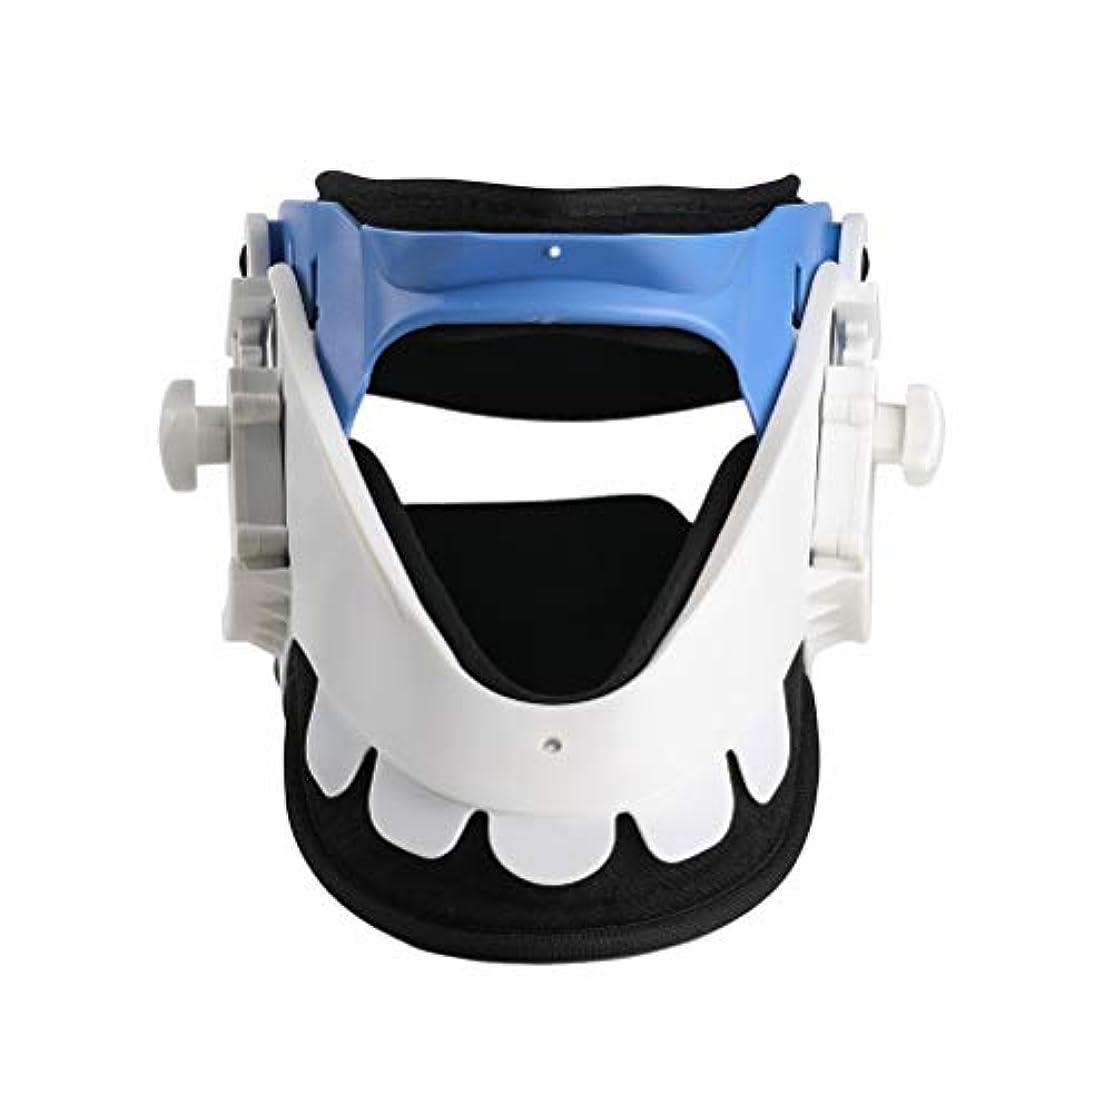 人形供給テンションHealiftyネックブレースサポート頚部襟堅い首の痛みを軽減する首の健康管理